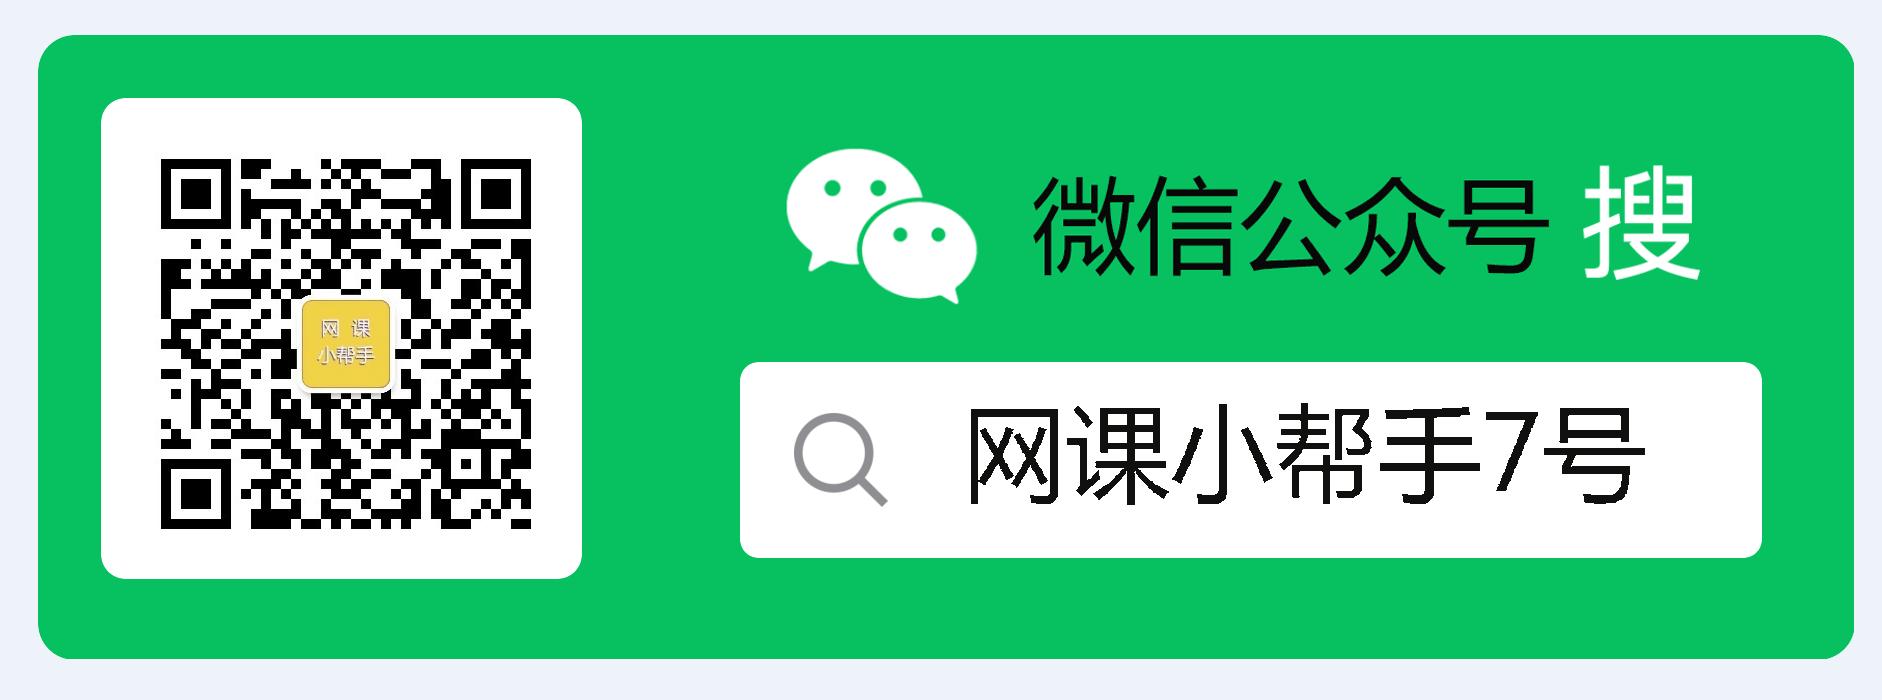 微信公众号【网课小帮手7号】